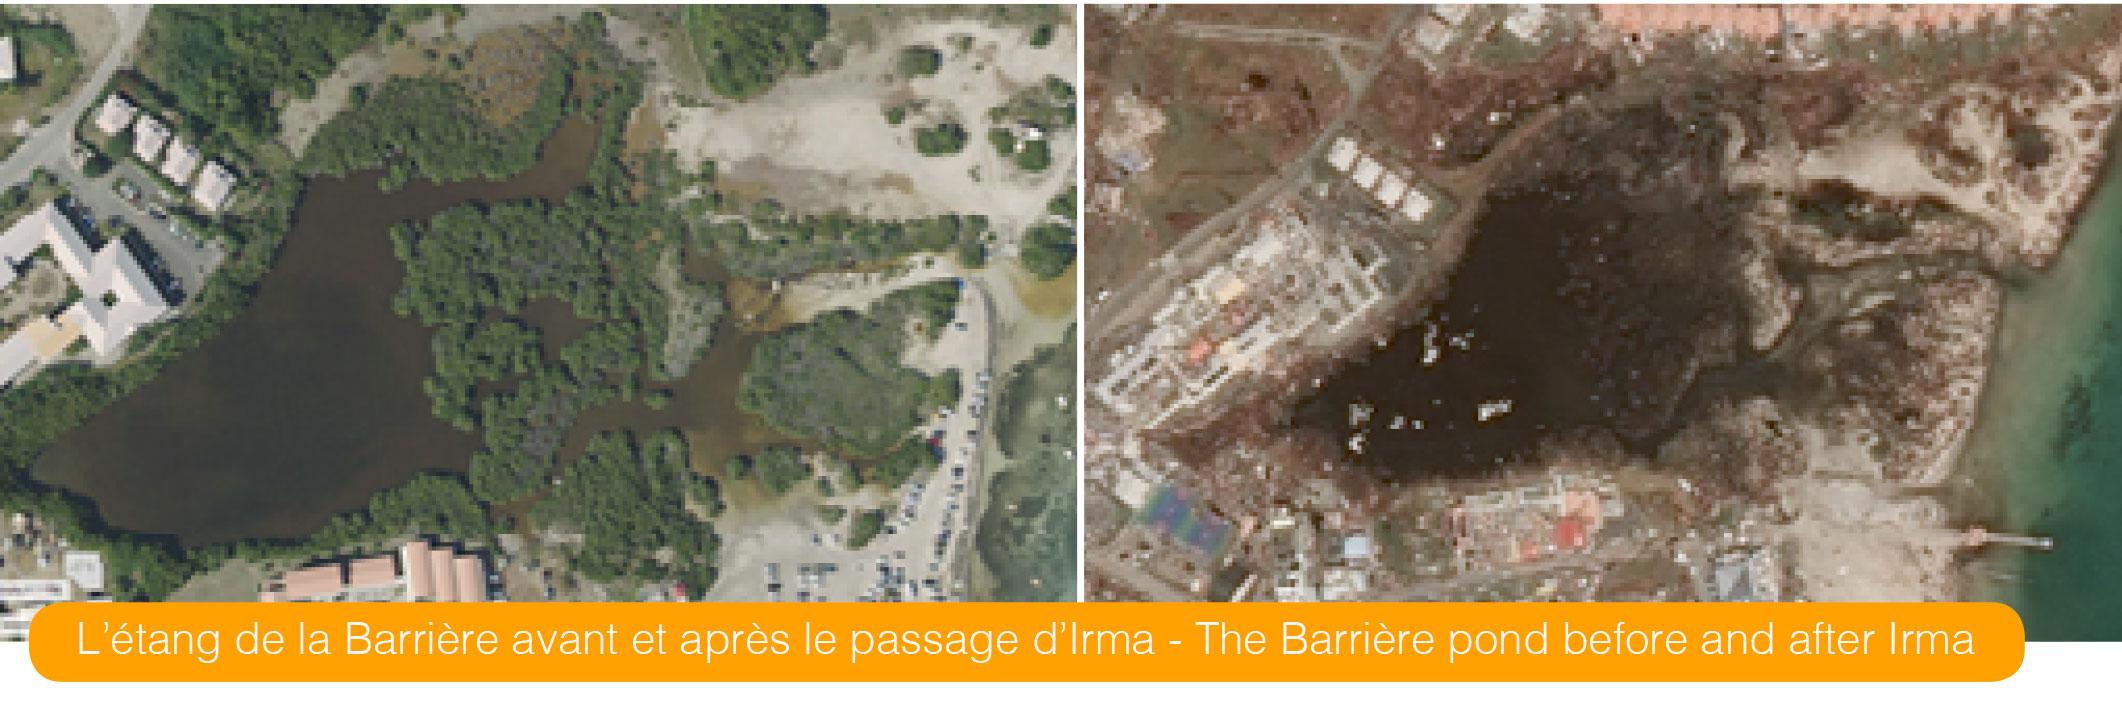 L'étang de la Barrière avant et après le passage d'Irma - The Barrière pond before and after Irma